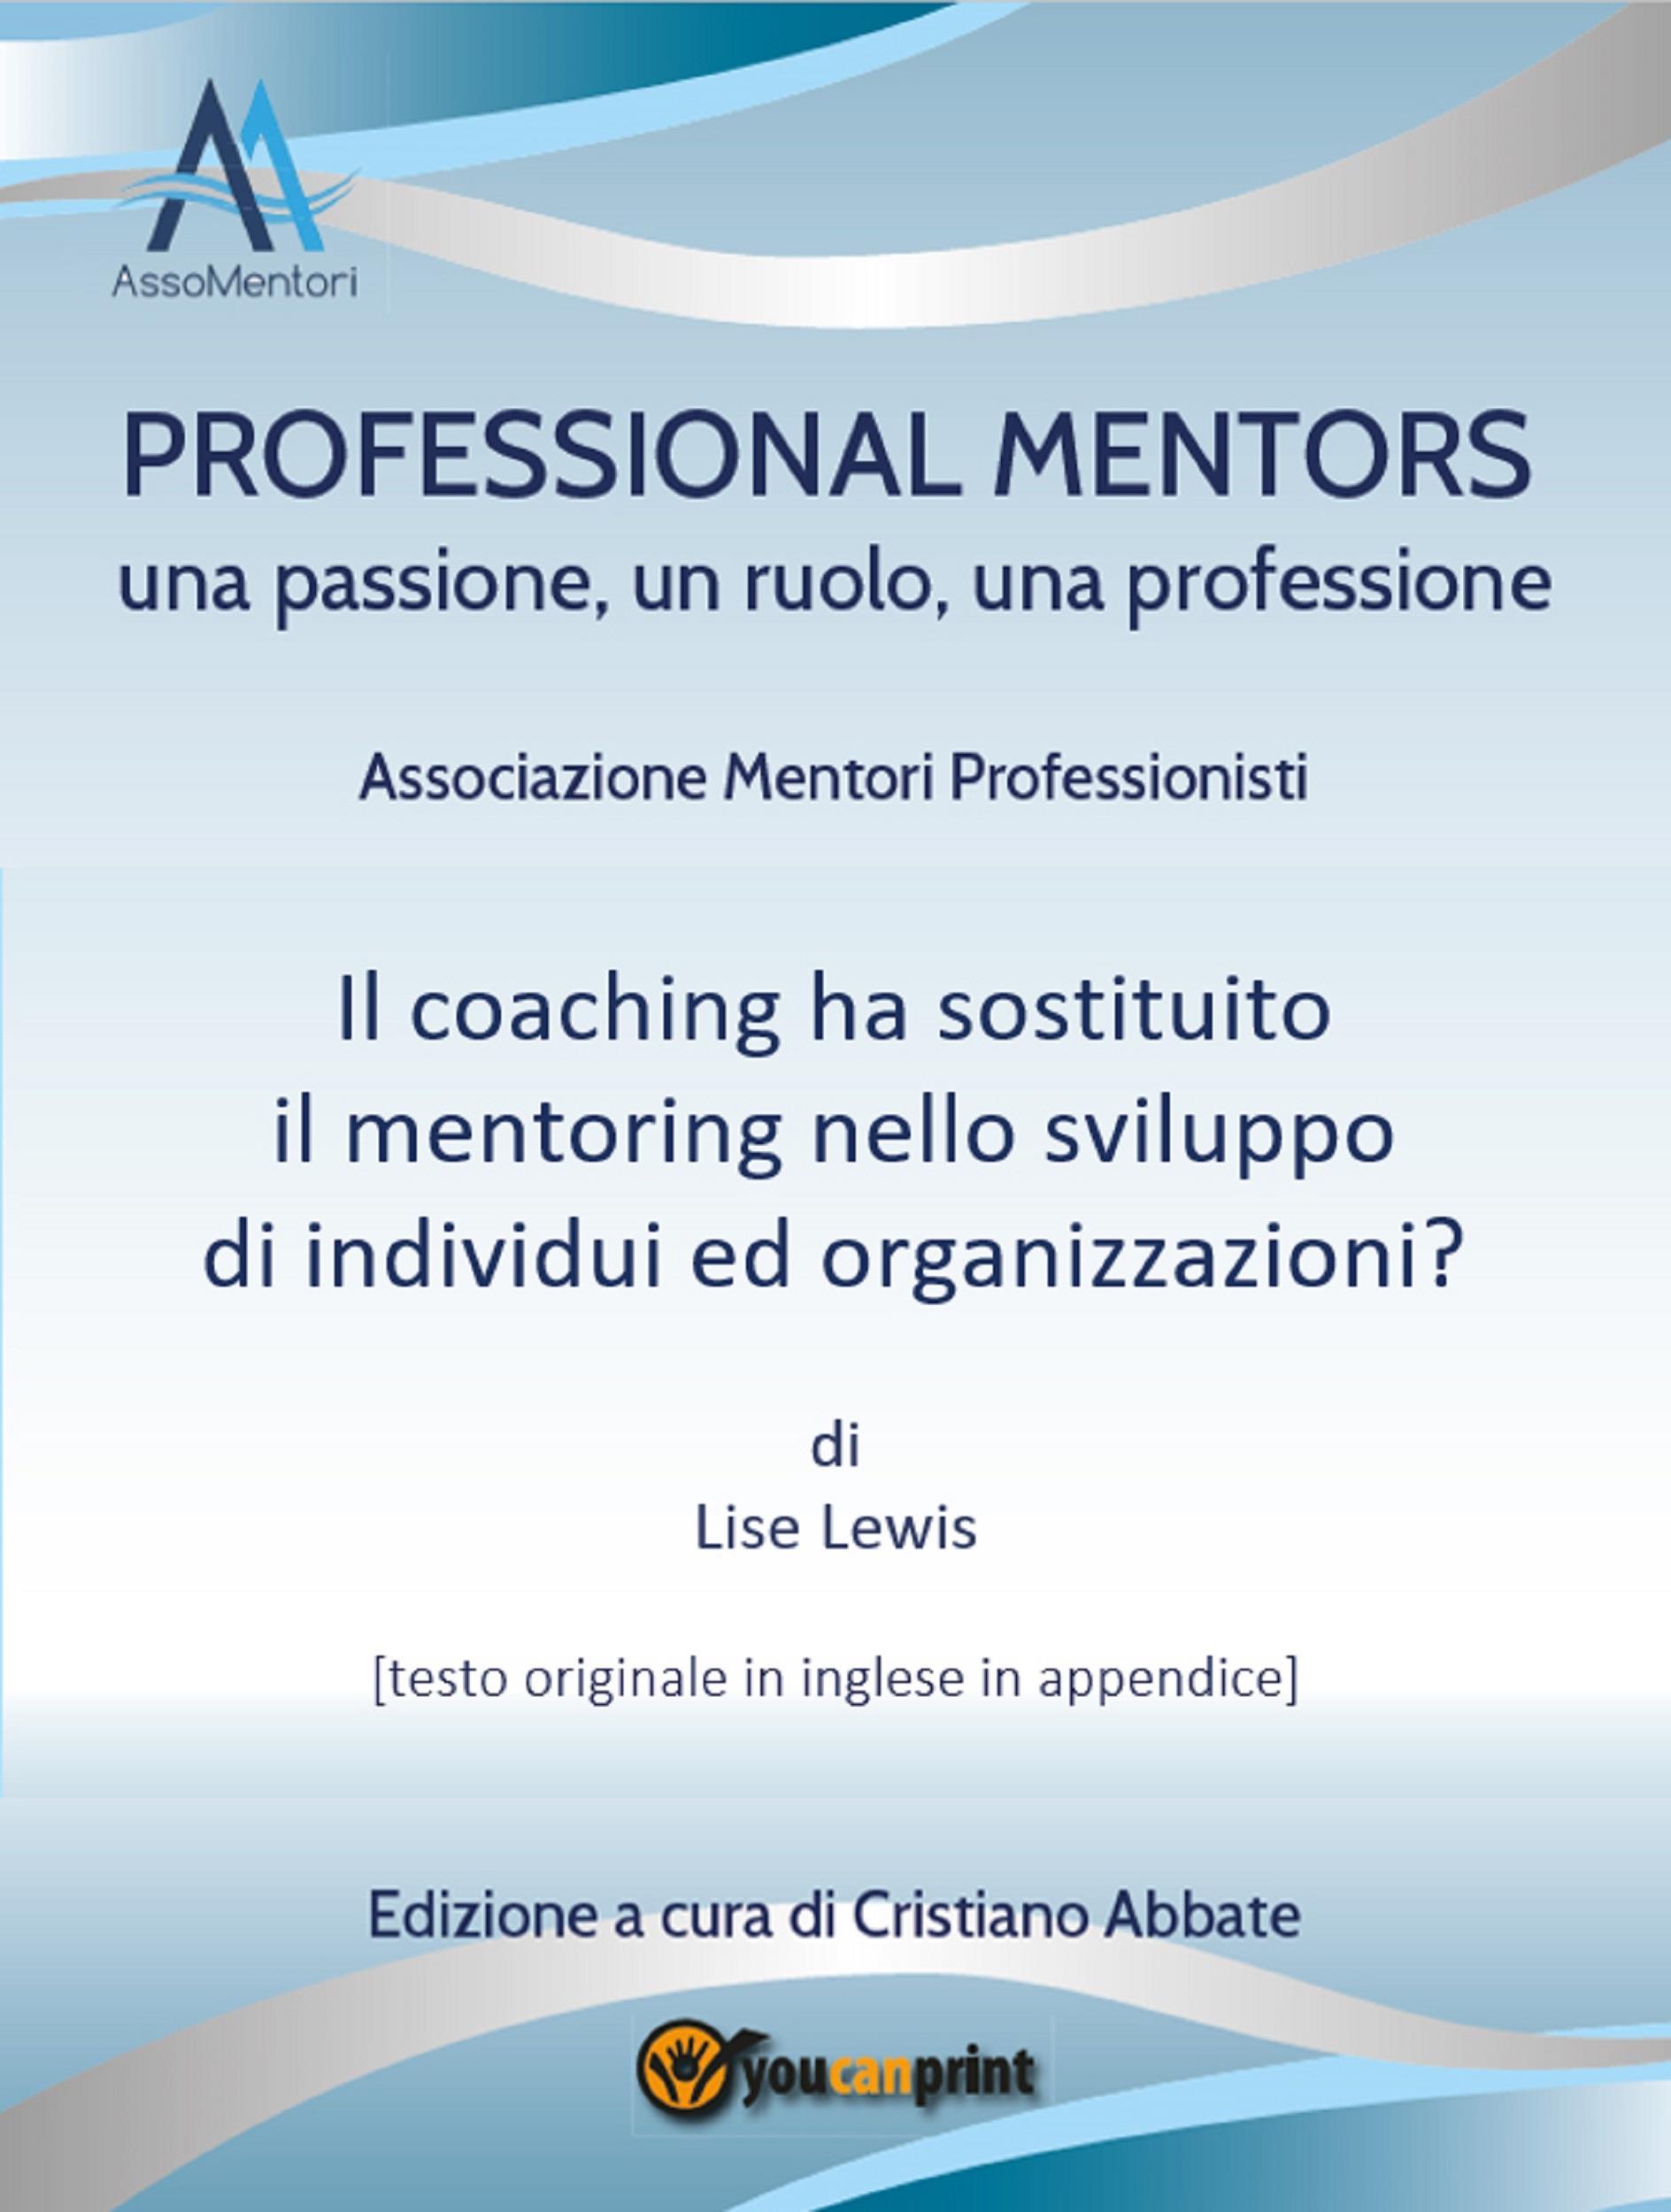 Il coaching ha sostituito il mentoring nello sviluppo di individui ed organizzazioni?